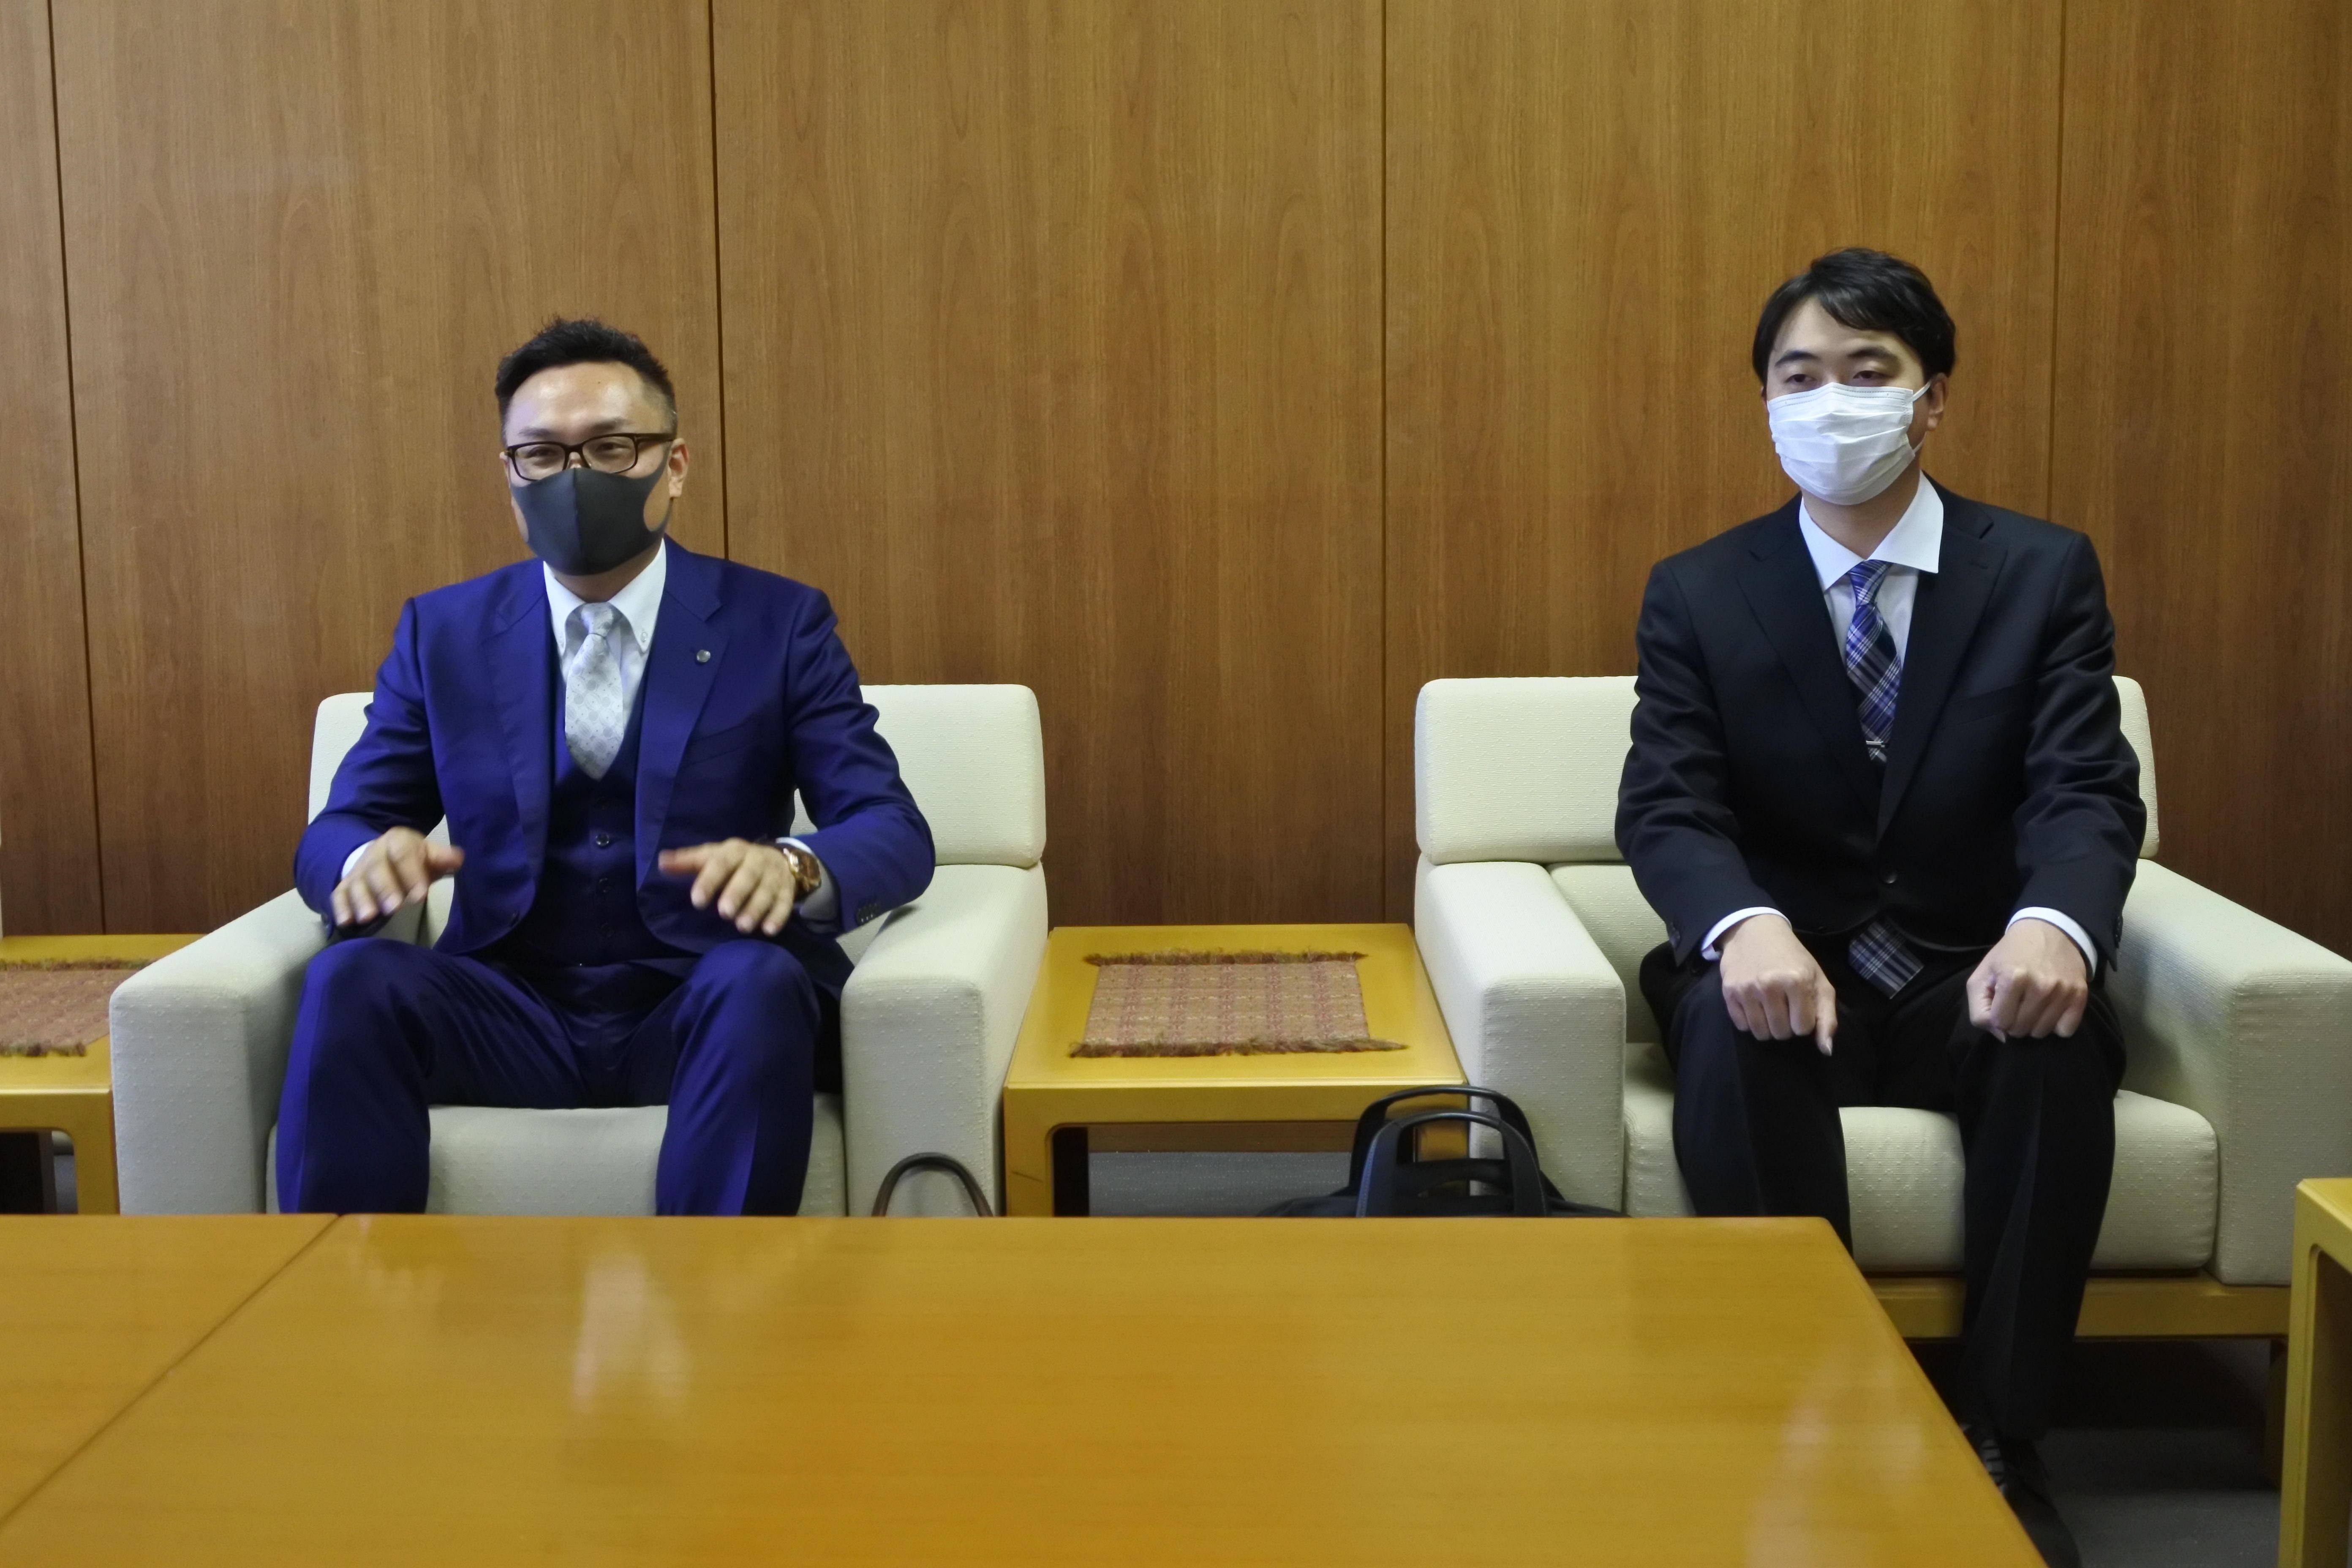 佐川忠昭さん(左)と田近優大さん